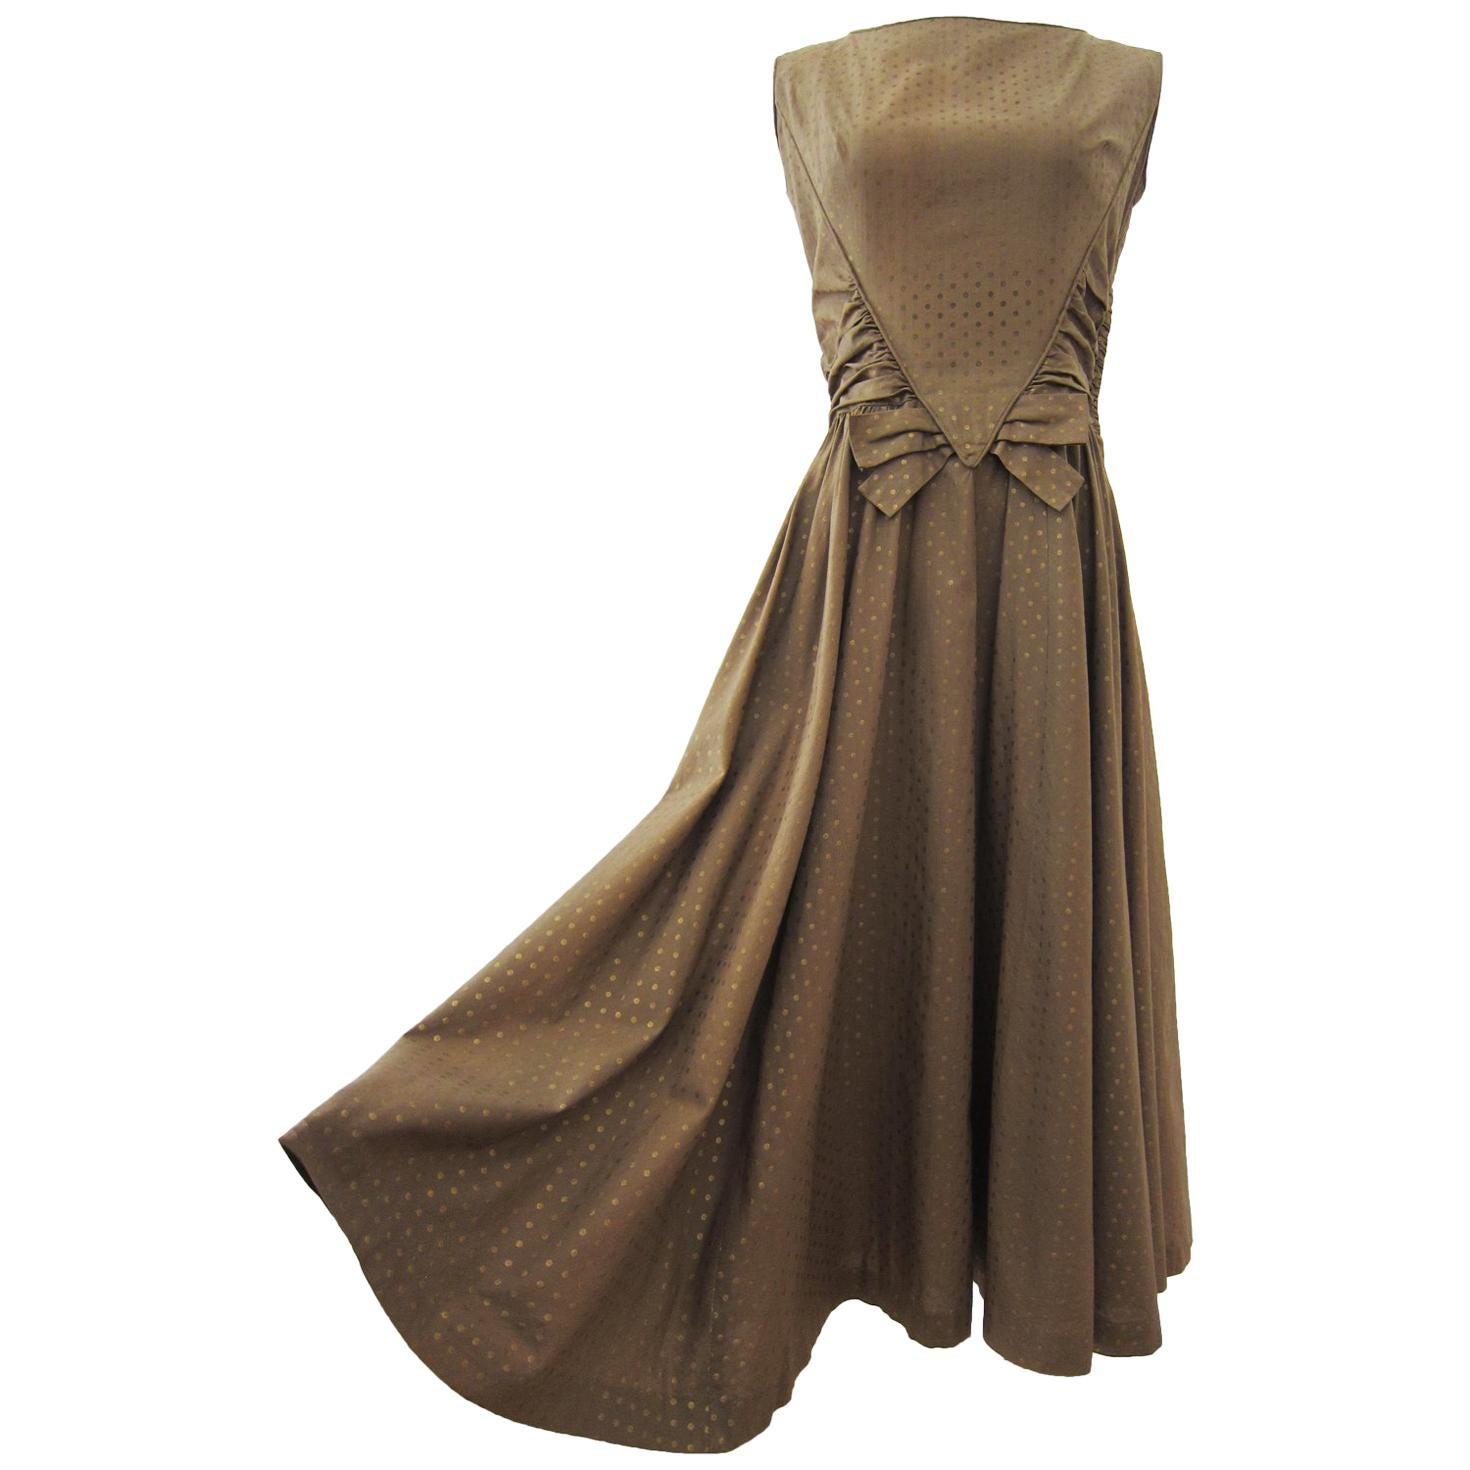 Ann Marsh NY Beige Golden Polka Dots Dress 1950s